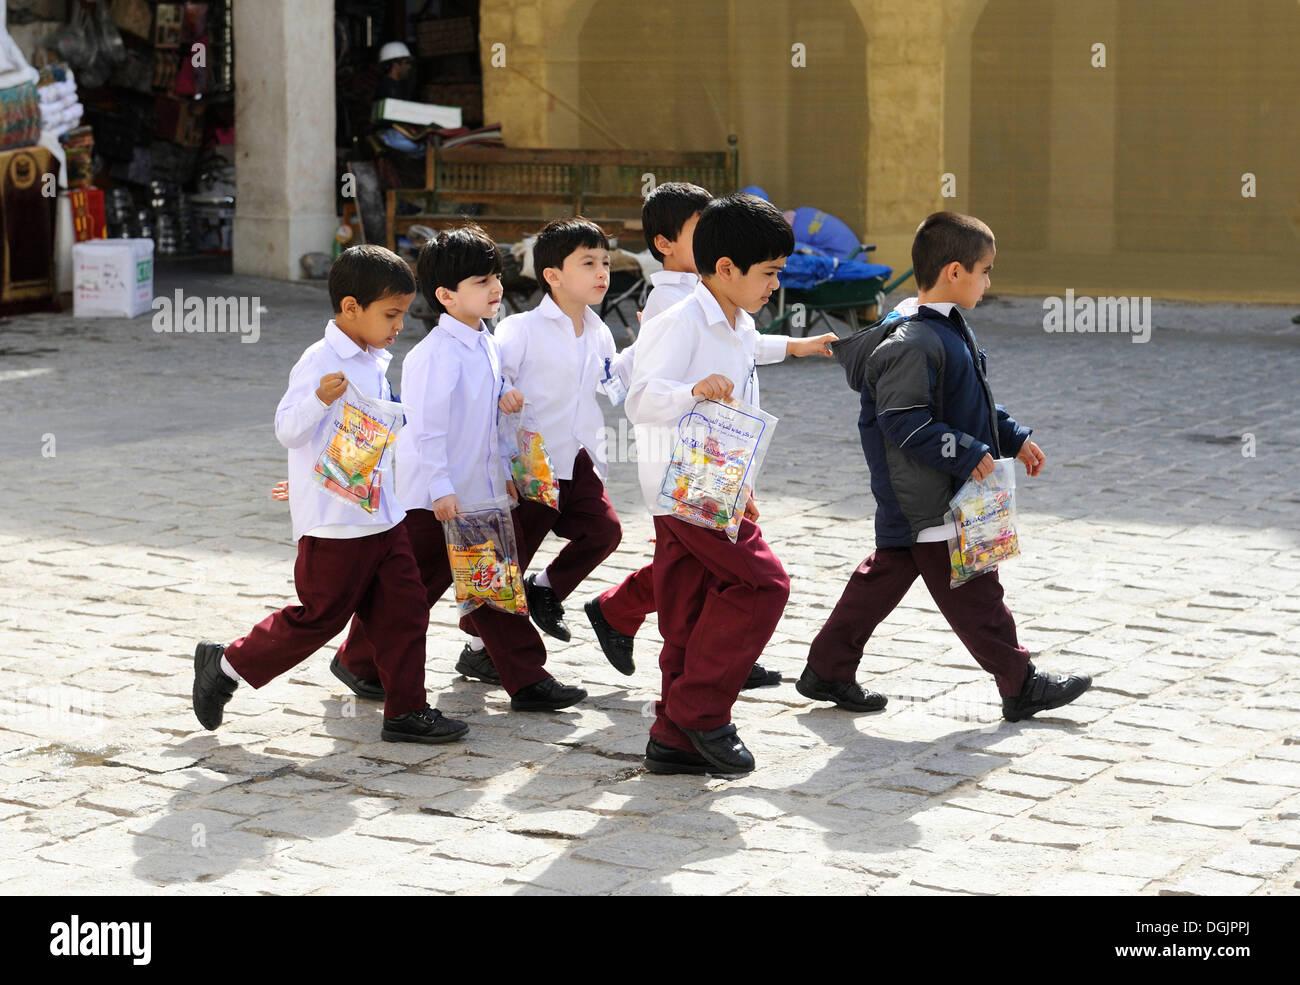 Les enfants de l'école portant des uniformes scolaires, Doha, Qatar, Péninsule Arabique, du golfe Persique, au Moyen-Orient, en Asie Photo Stock